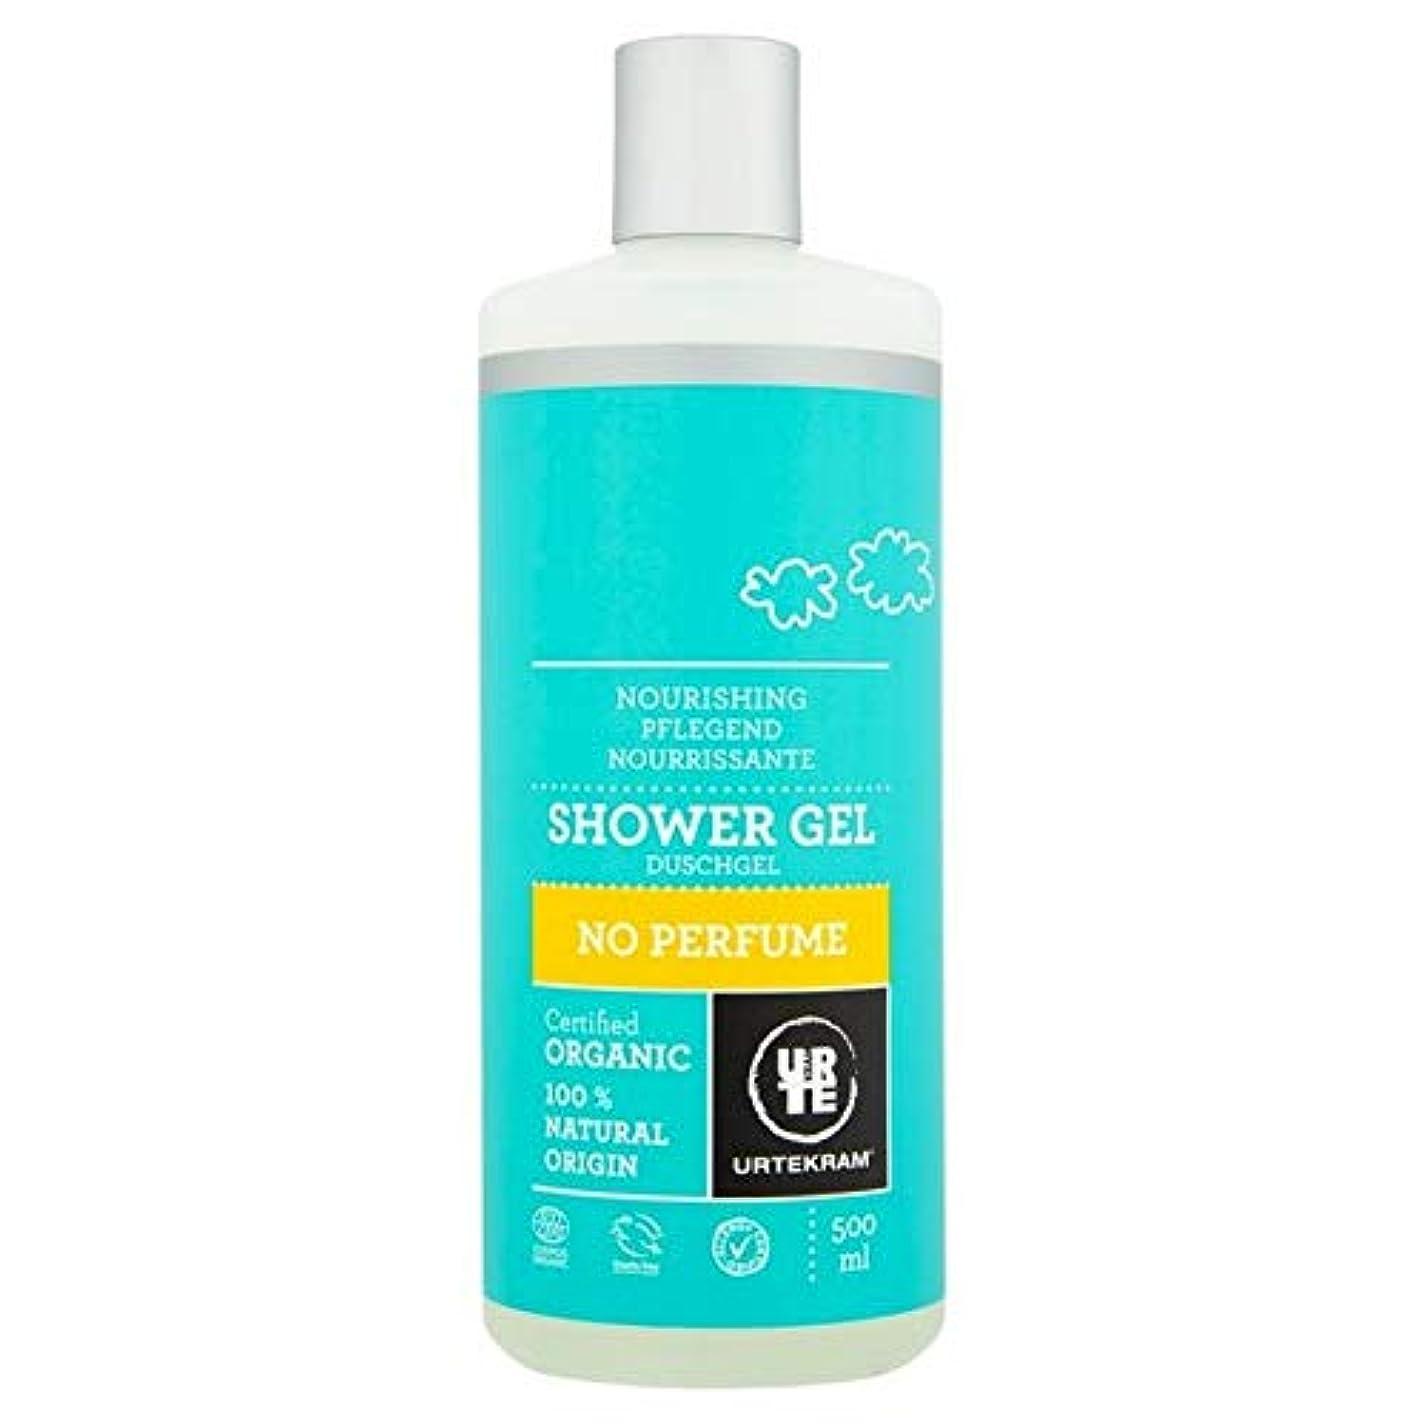 確認する一部ファンタジー[Urtekram] 何の香水シャワージェル500ミリリットルをUrtekramありません - Urtekram No Perfume Shower Gel 500ml [並行輸入品]